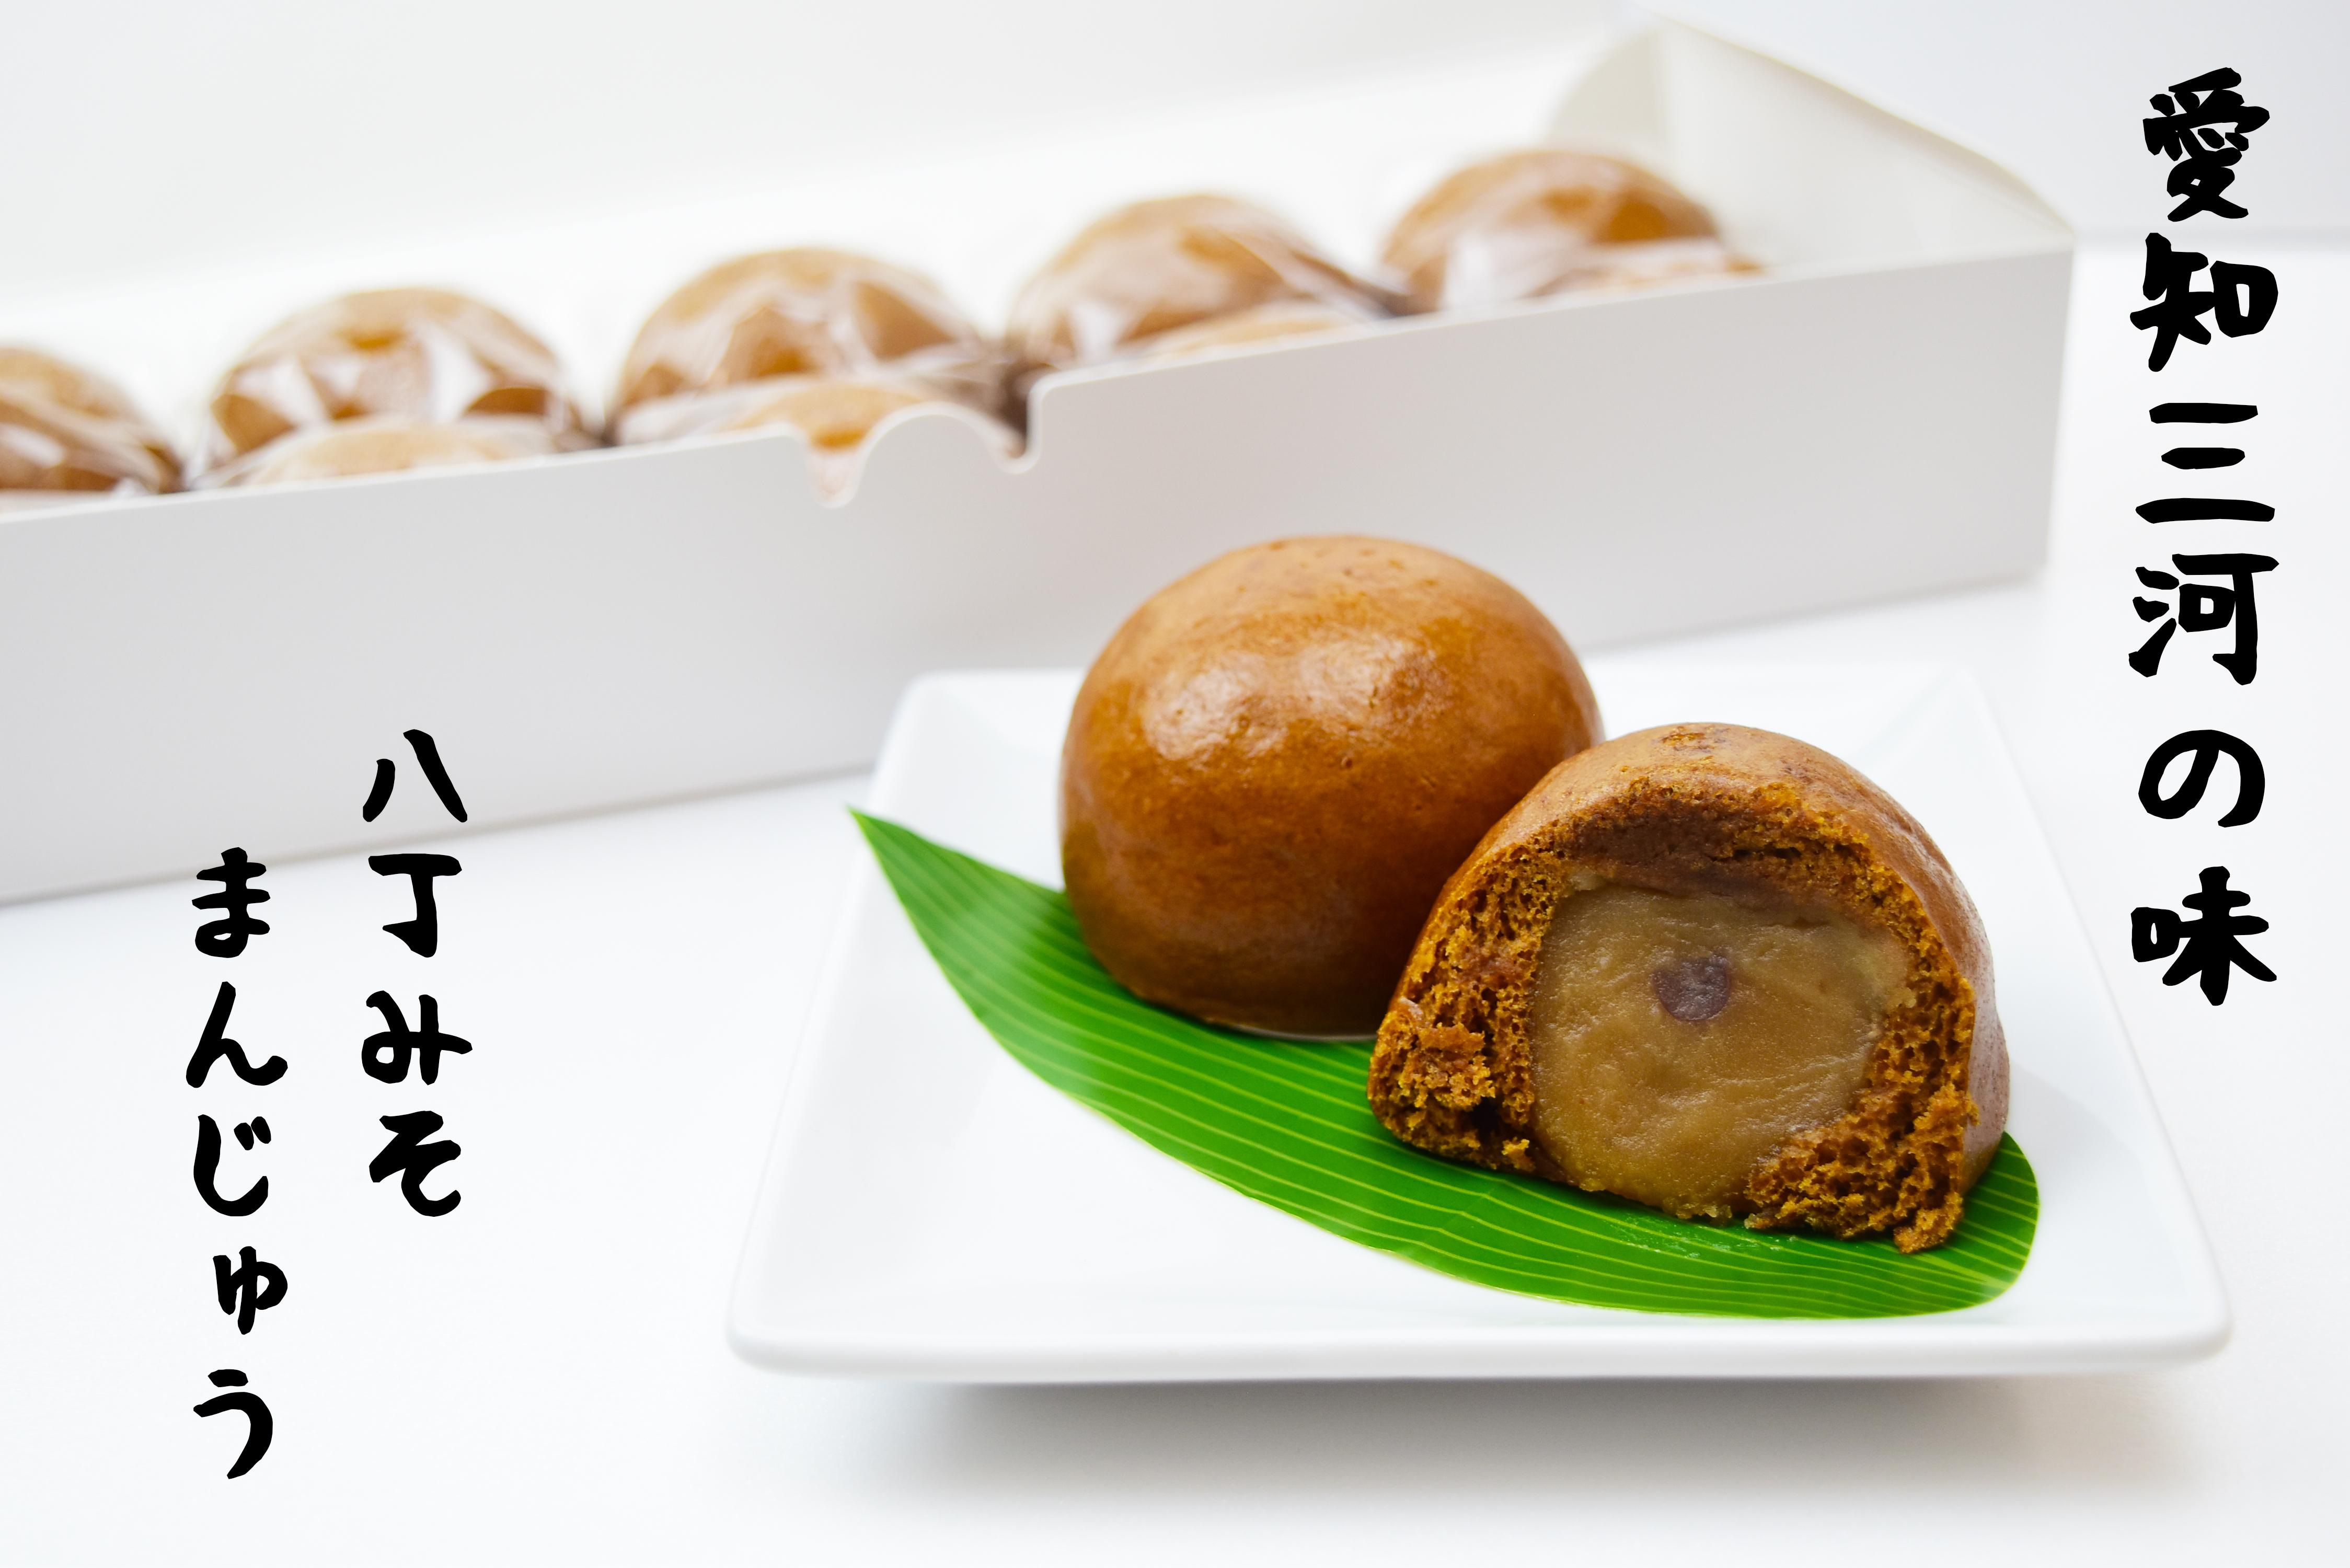 八雲だんごの八丁みそまんじゅう、豊橋市の丸八製菓